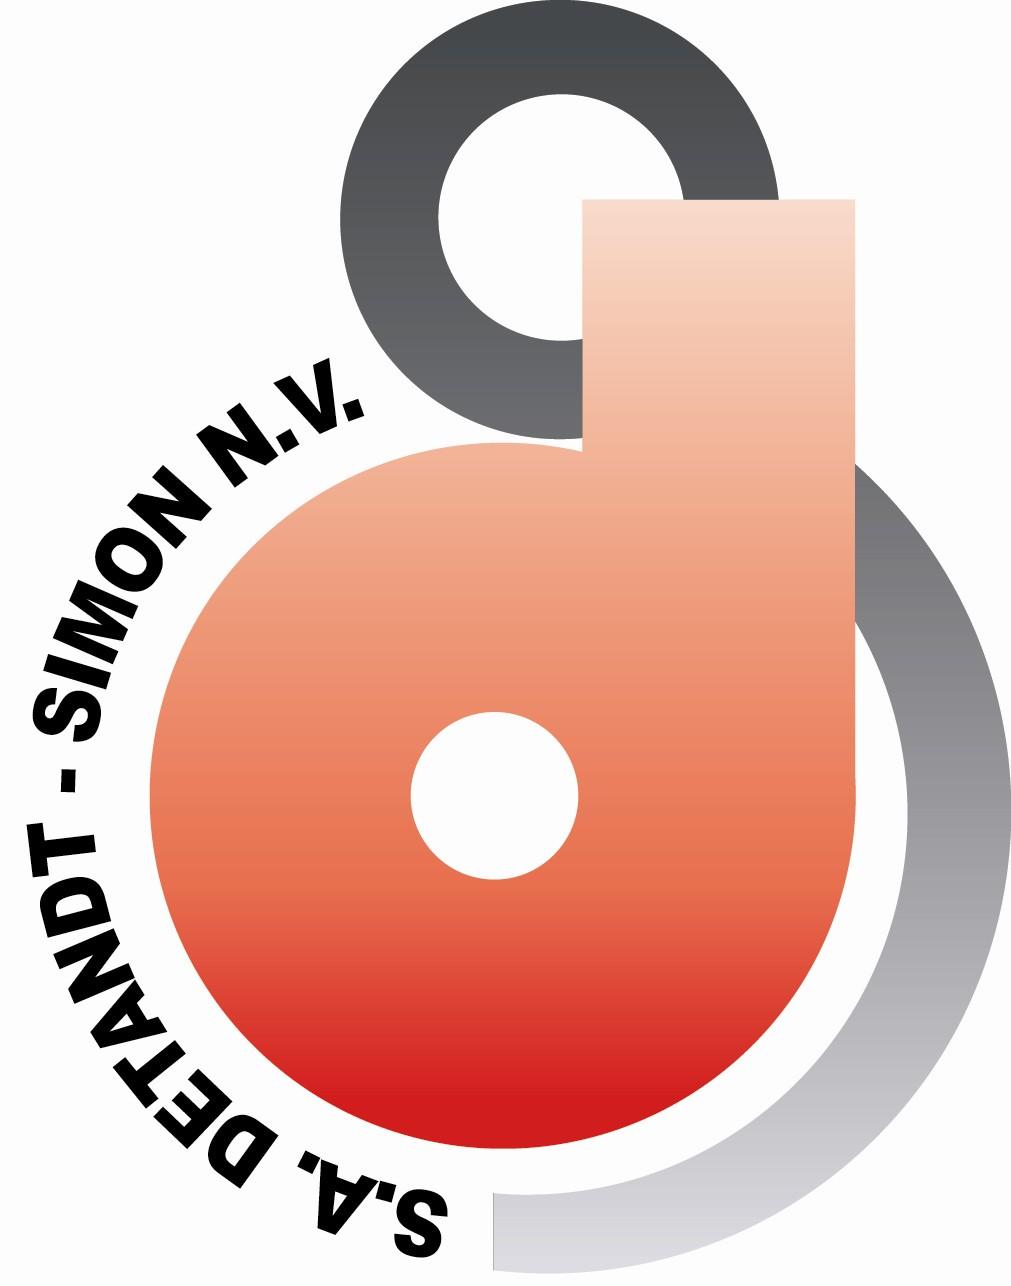 Detandt-Simon-logo.jpg